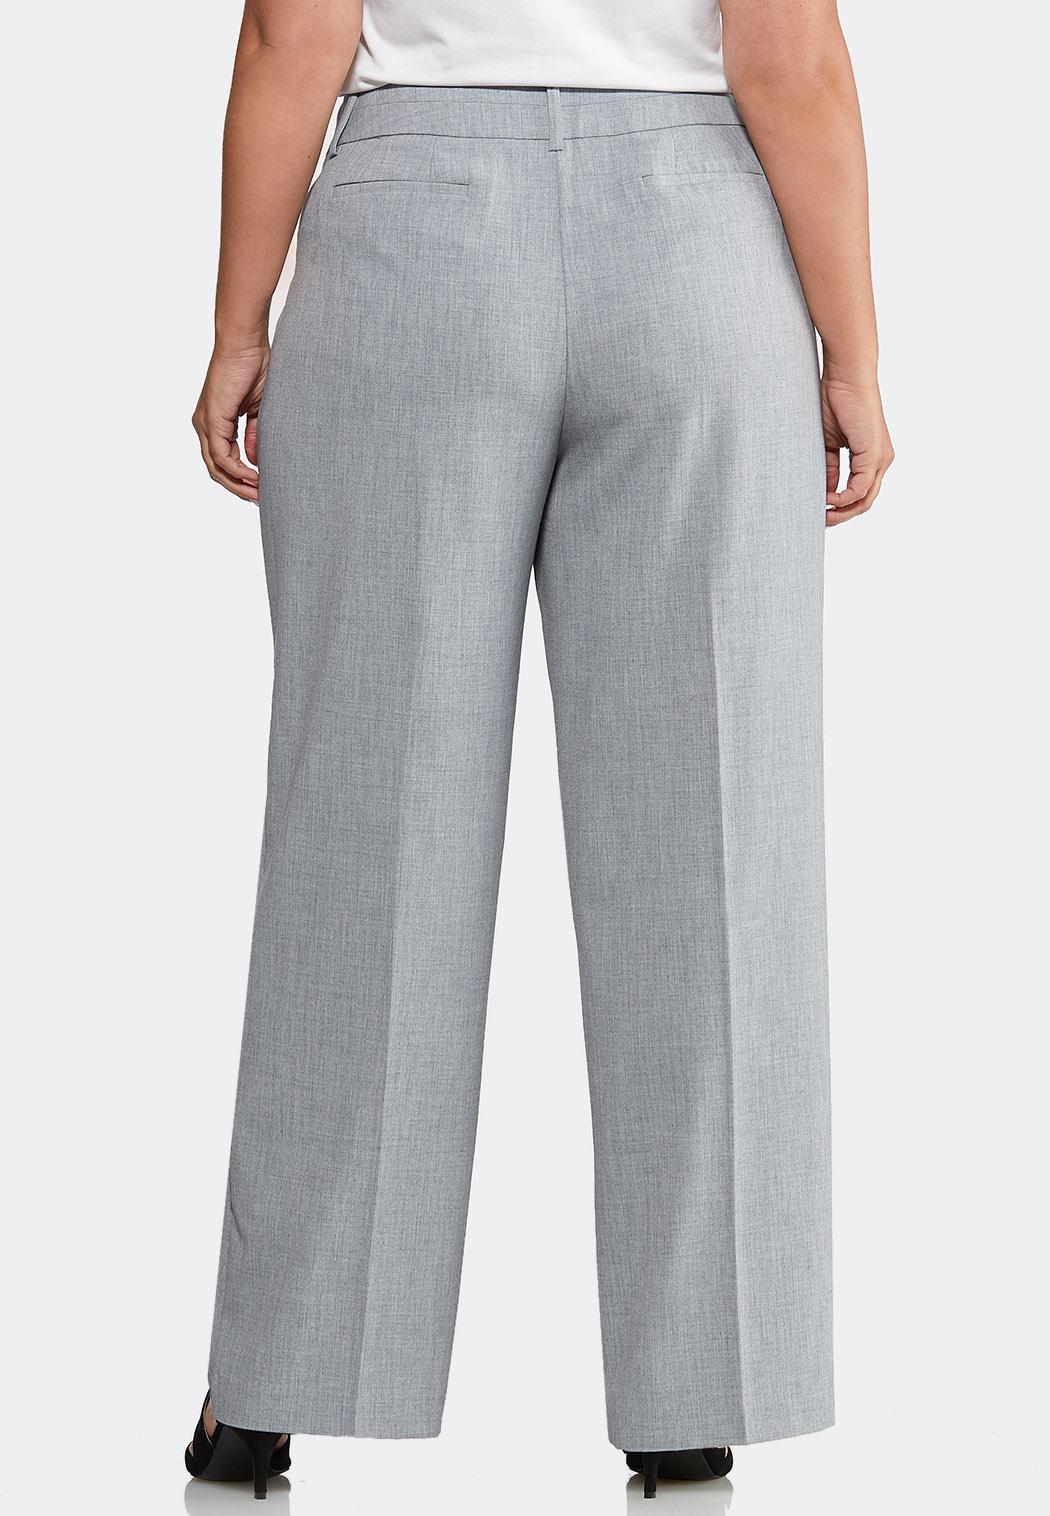 Plus Extended Curvy Shape Enhancing Trouser Pants (Item #43995279)